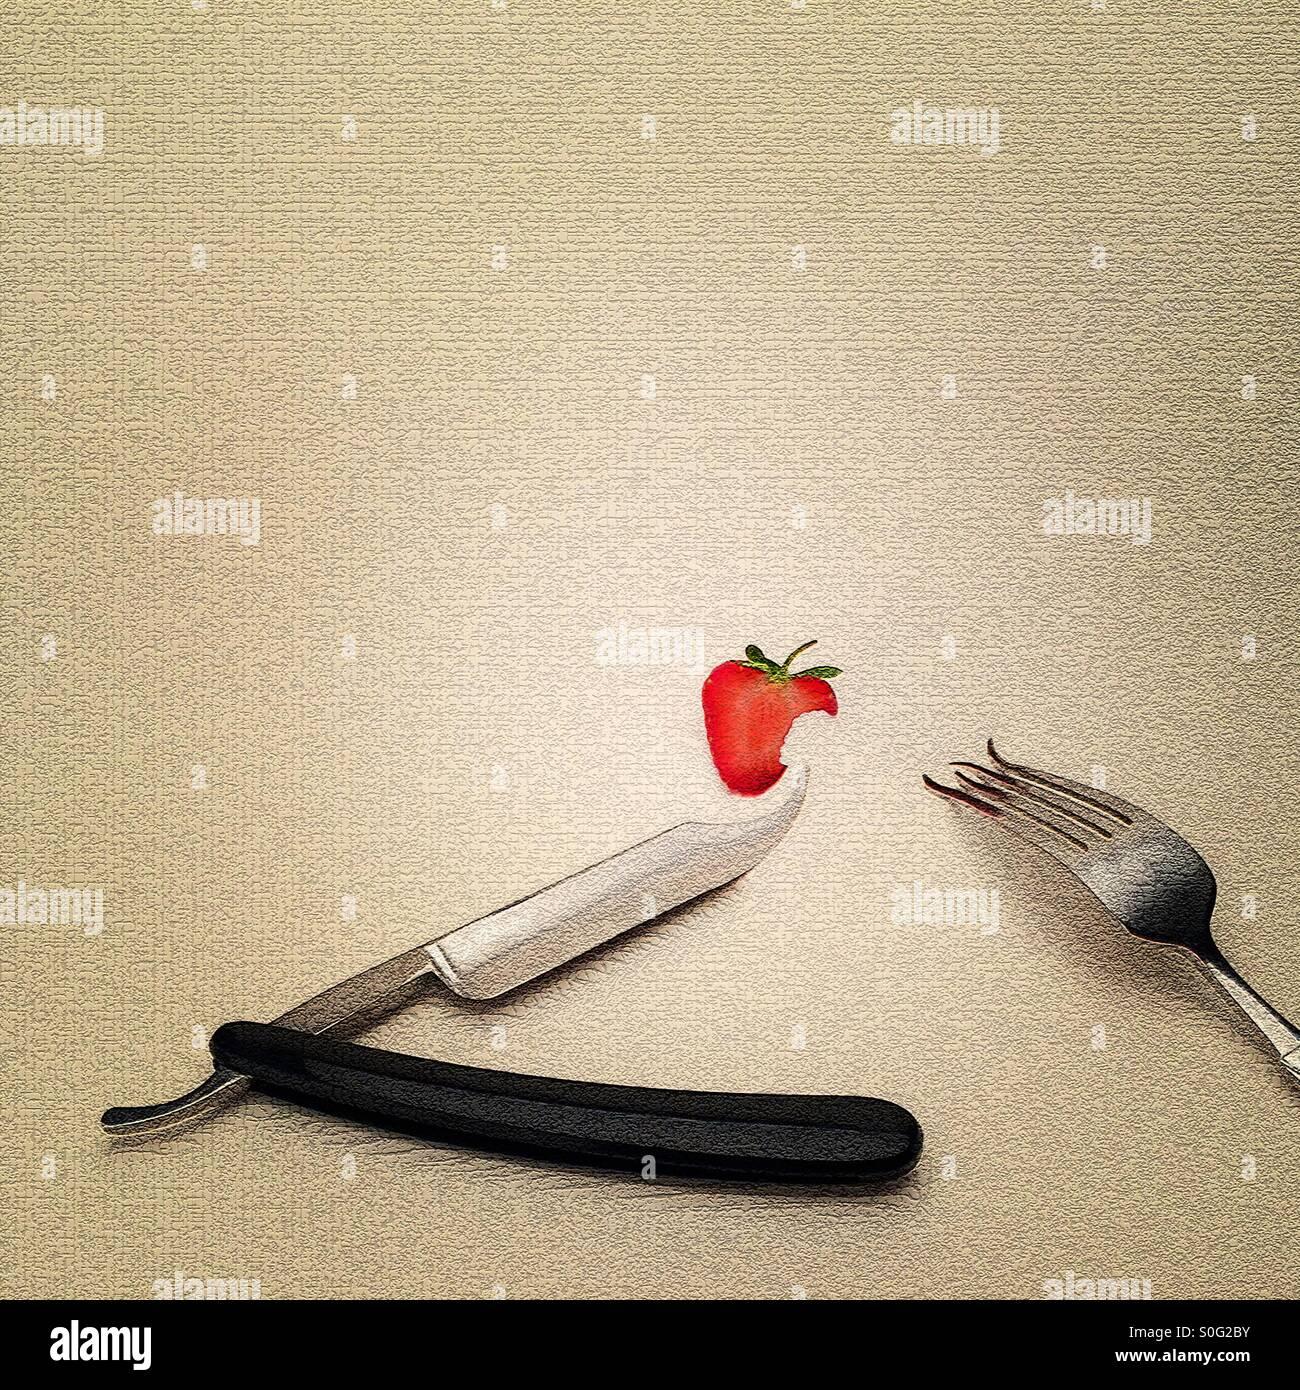 Couteau rasoir coupe la gorge et de la fourche ( fraise ) image manipulée numériquement et étrange Photo Stock